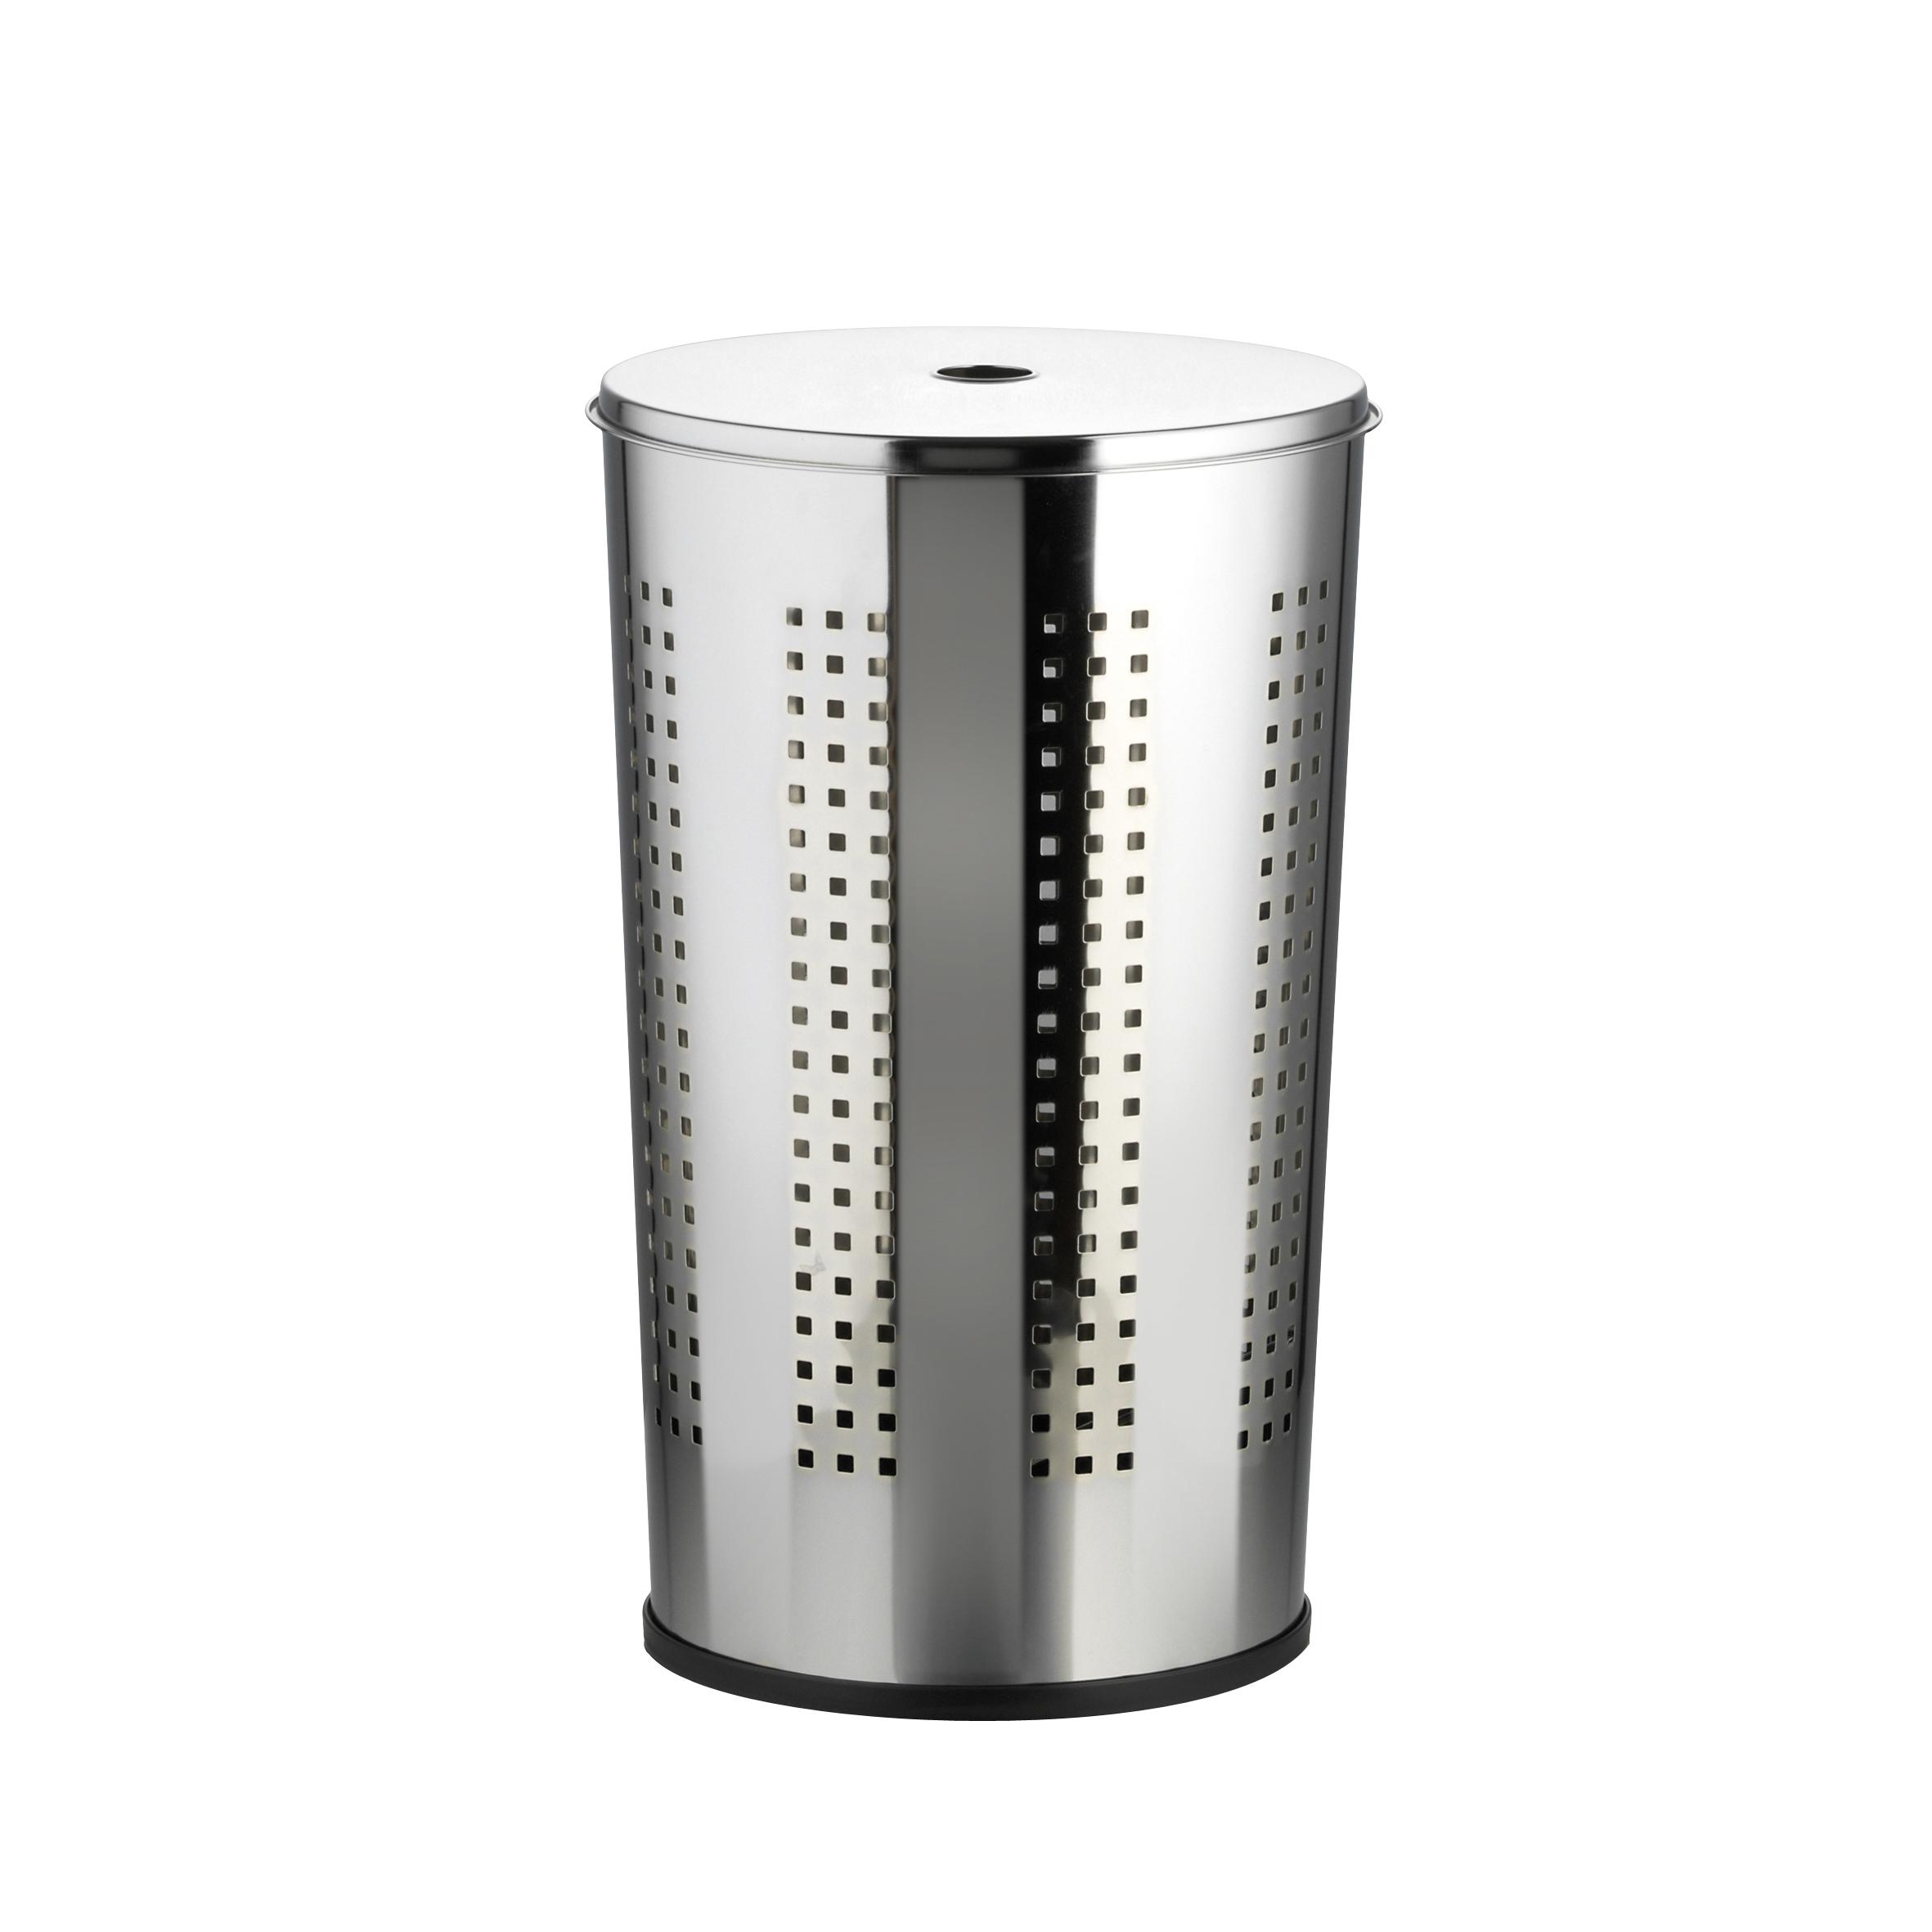 Корзина для белья Axentia, с крышкой, 50 л282780Корзина для белья Axentia изготовлена из высококачественной хромированной стали, устойчивой к коррозии в условиях высокой влажности в ванной комнате. Подойдет для семьи из 3-5 человек. Специальные отверстия по всему периметру корзины позволяют дышать и не позволят сопреть вашему белью. Изделие оснащено крышкой, которая плотно закрывается и не болтается на корзине. Пластиковая подставка создает дополнительную устойчивость, безопасность пола и бесшумность при перемещении. Современный дизайн корзины украсит любой интерьер ванной комнаты.Объем корзины:50 литров.Размер корзины: 35 х 35 х 58 см.